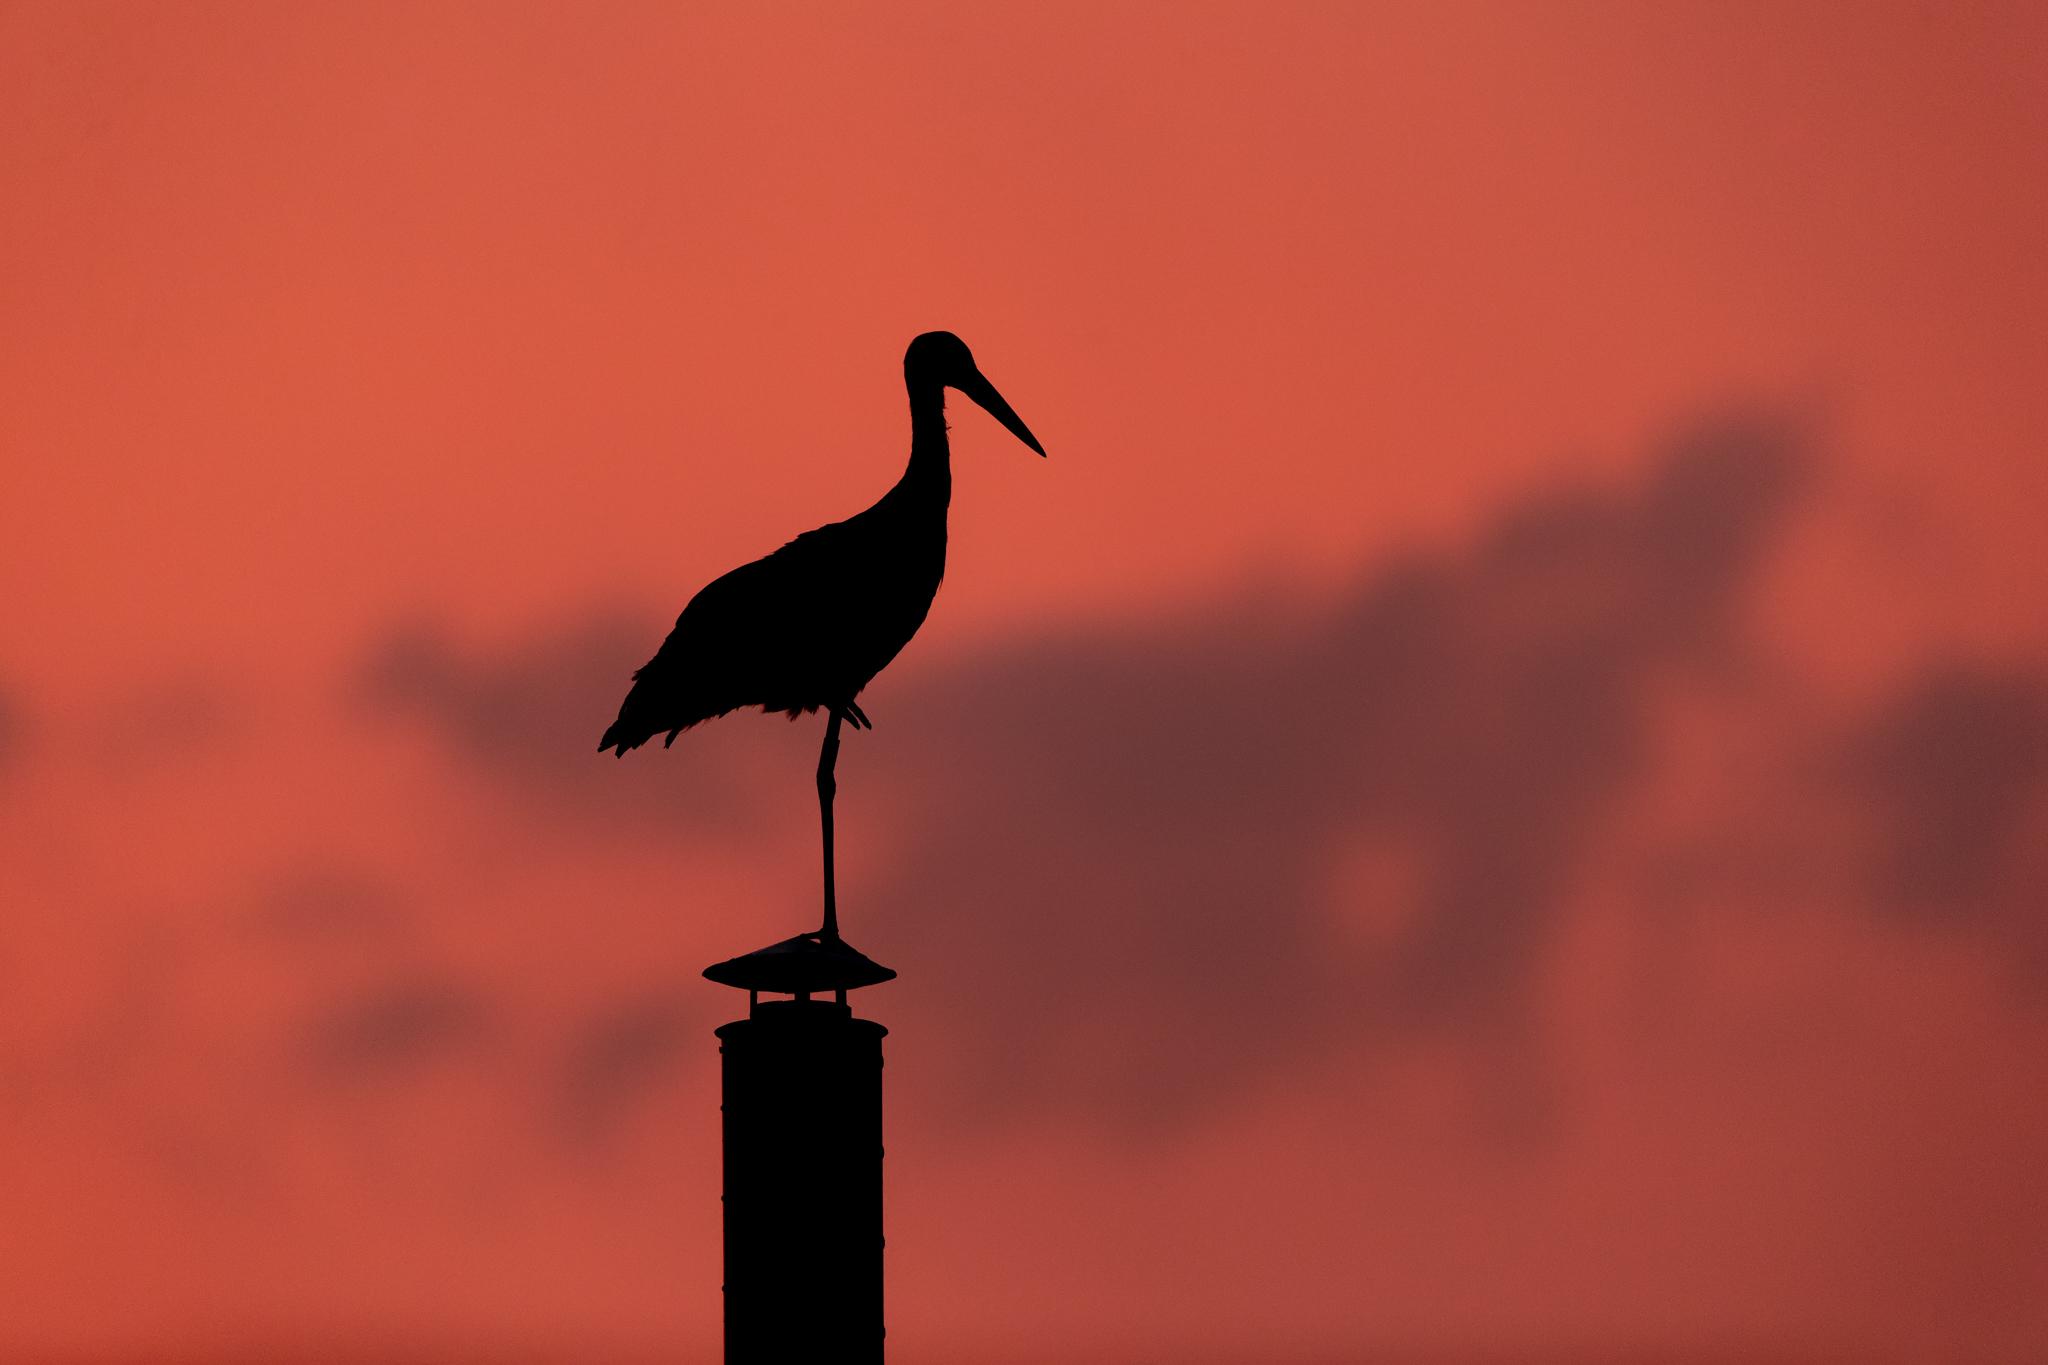 stork silhouette noise reduction _A8I1143.jpg